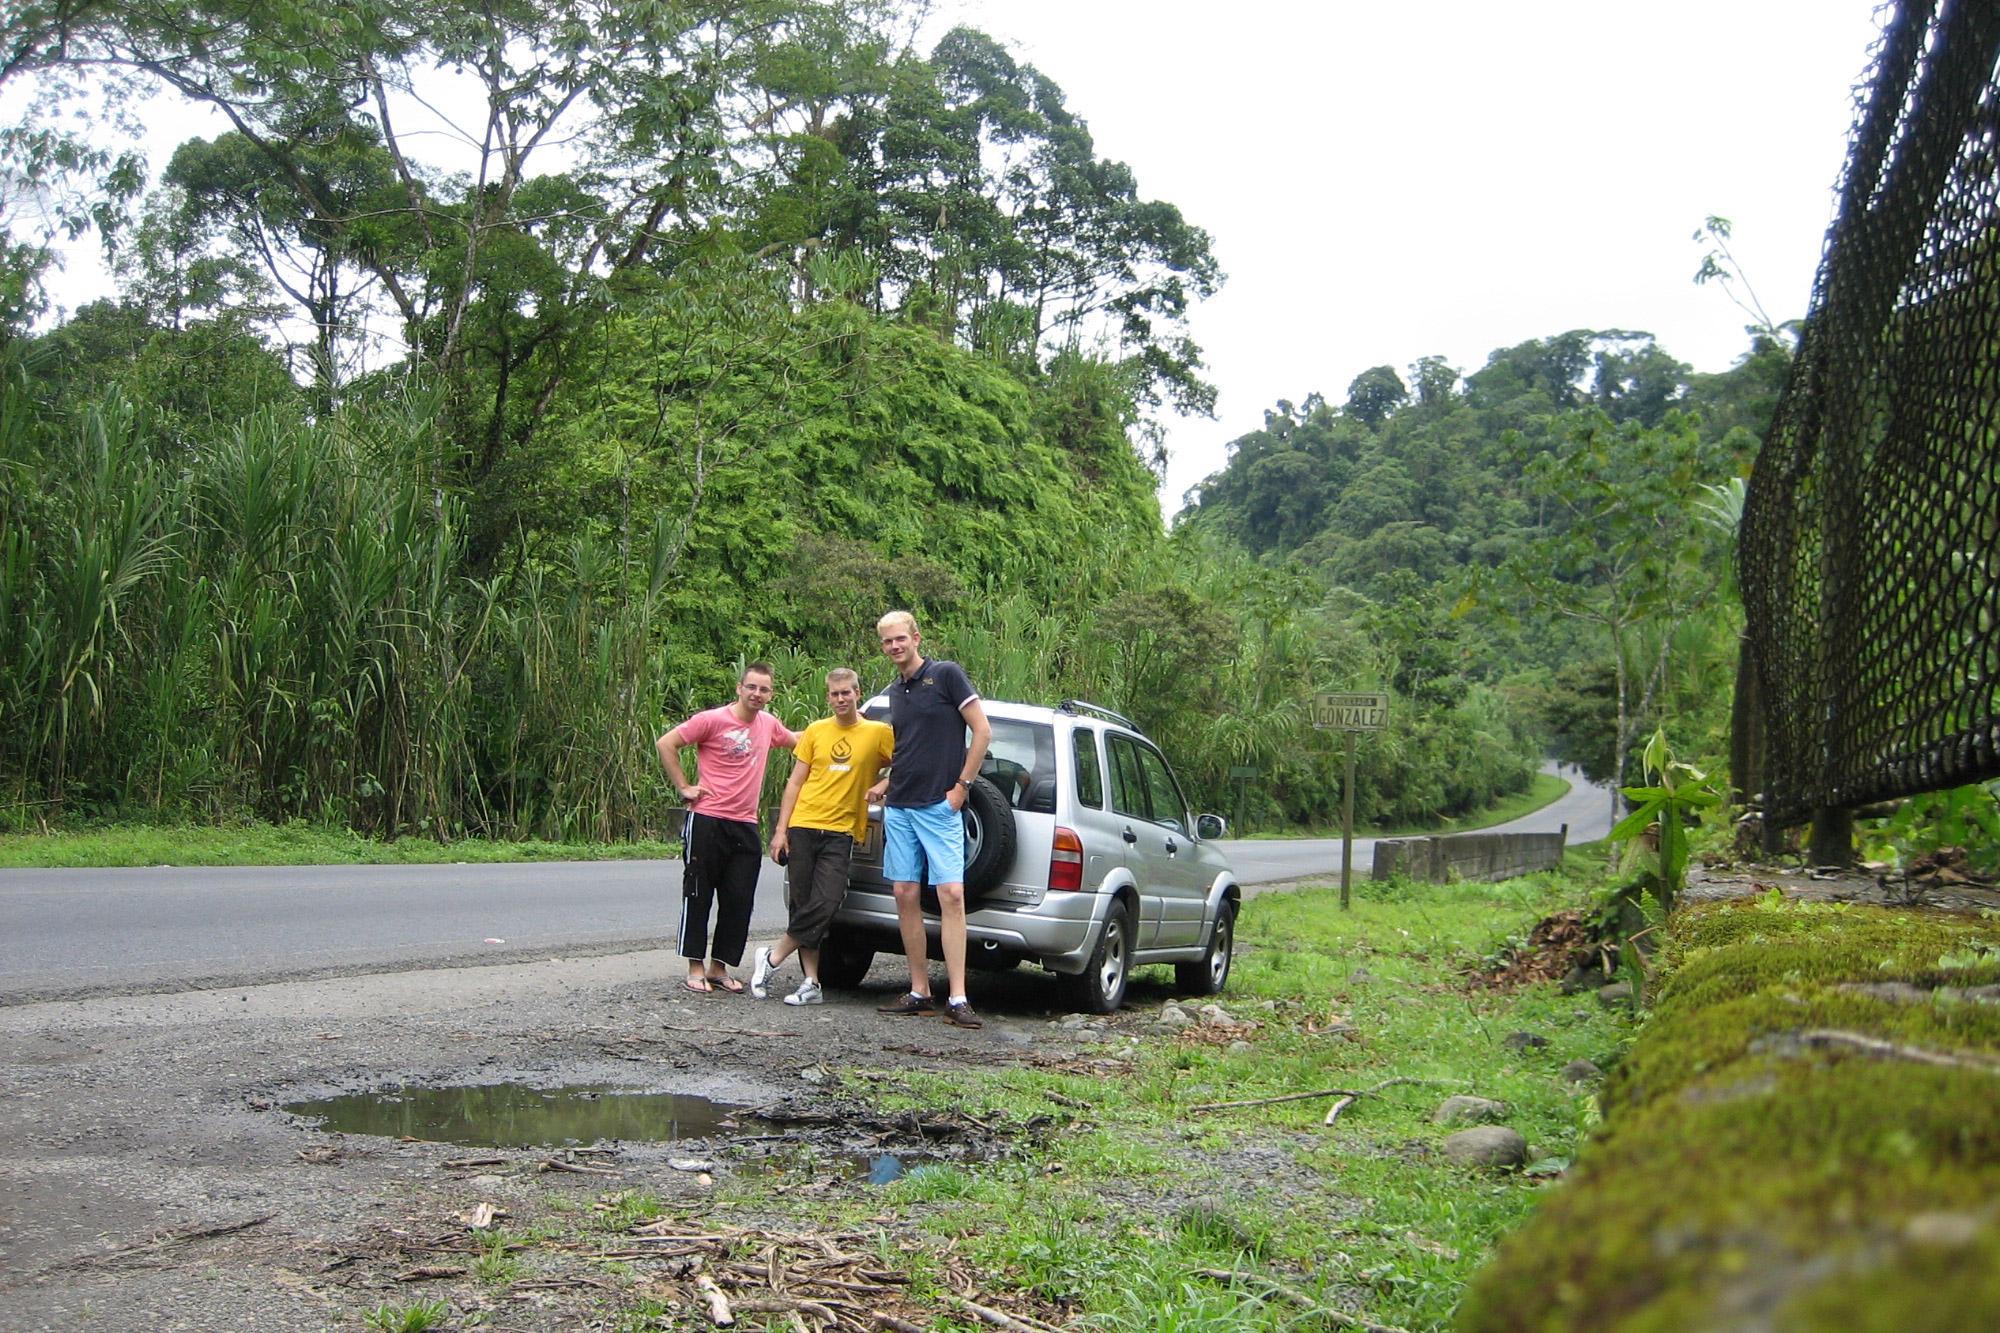 5 reden om naar Costa Rica te reizen - Gemakkelijk zelf te reizen: huur een 4x4 auto